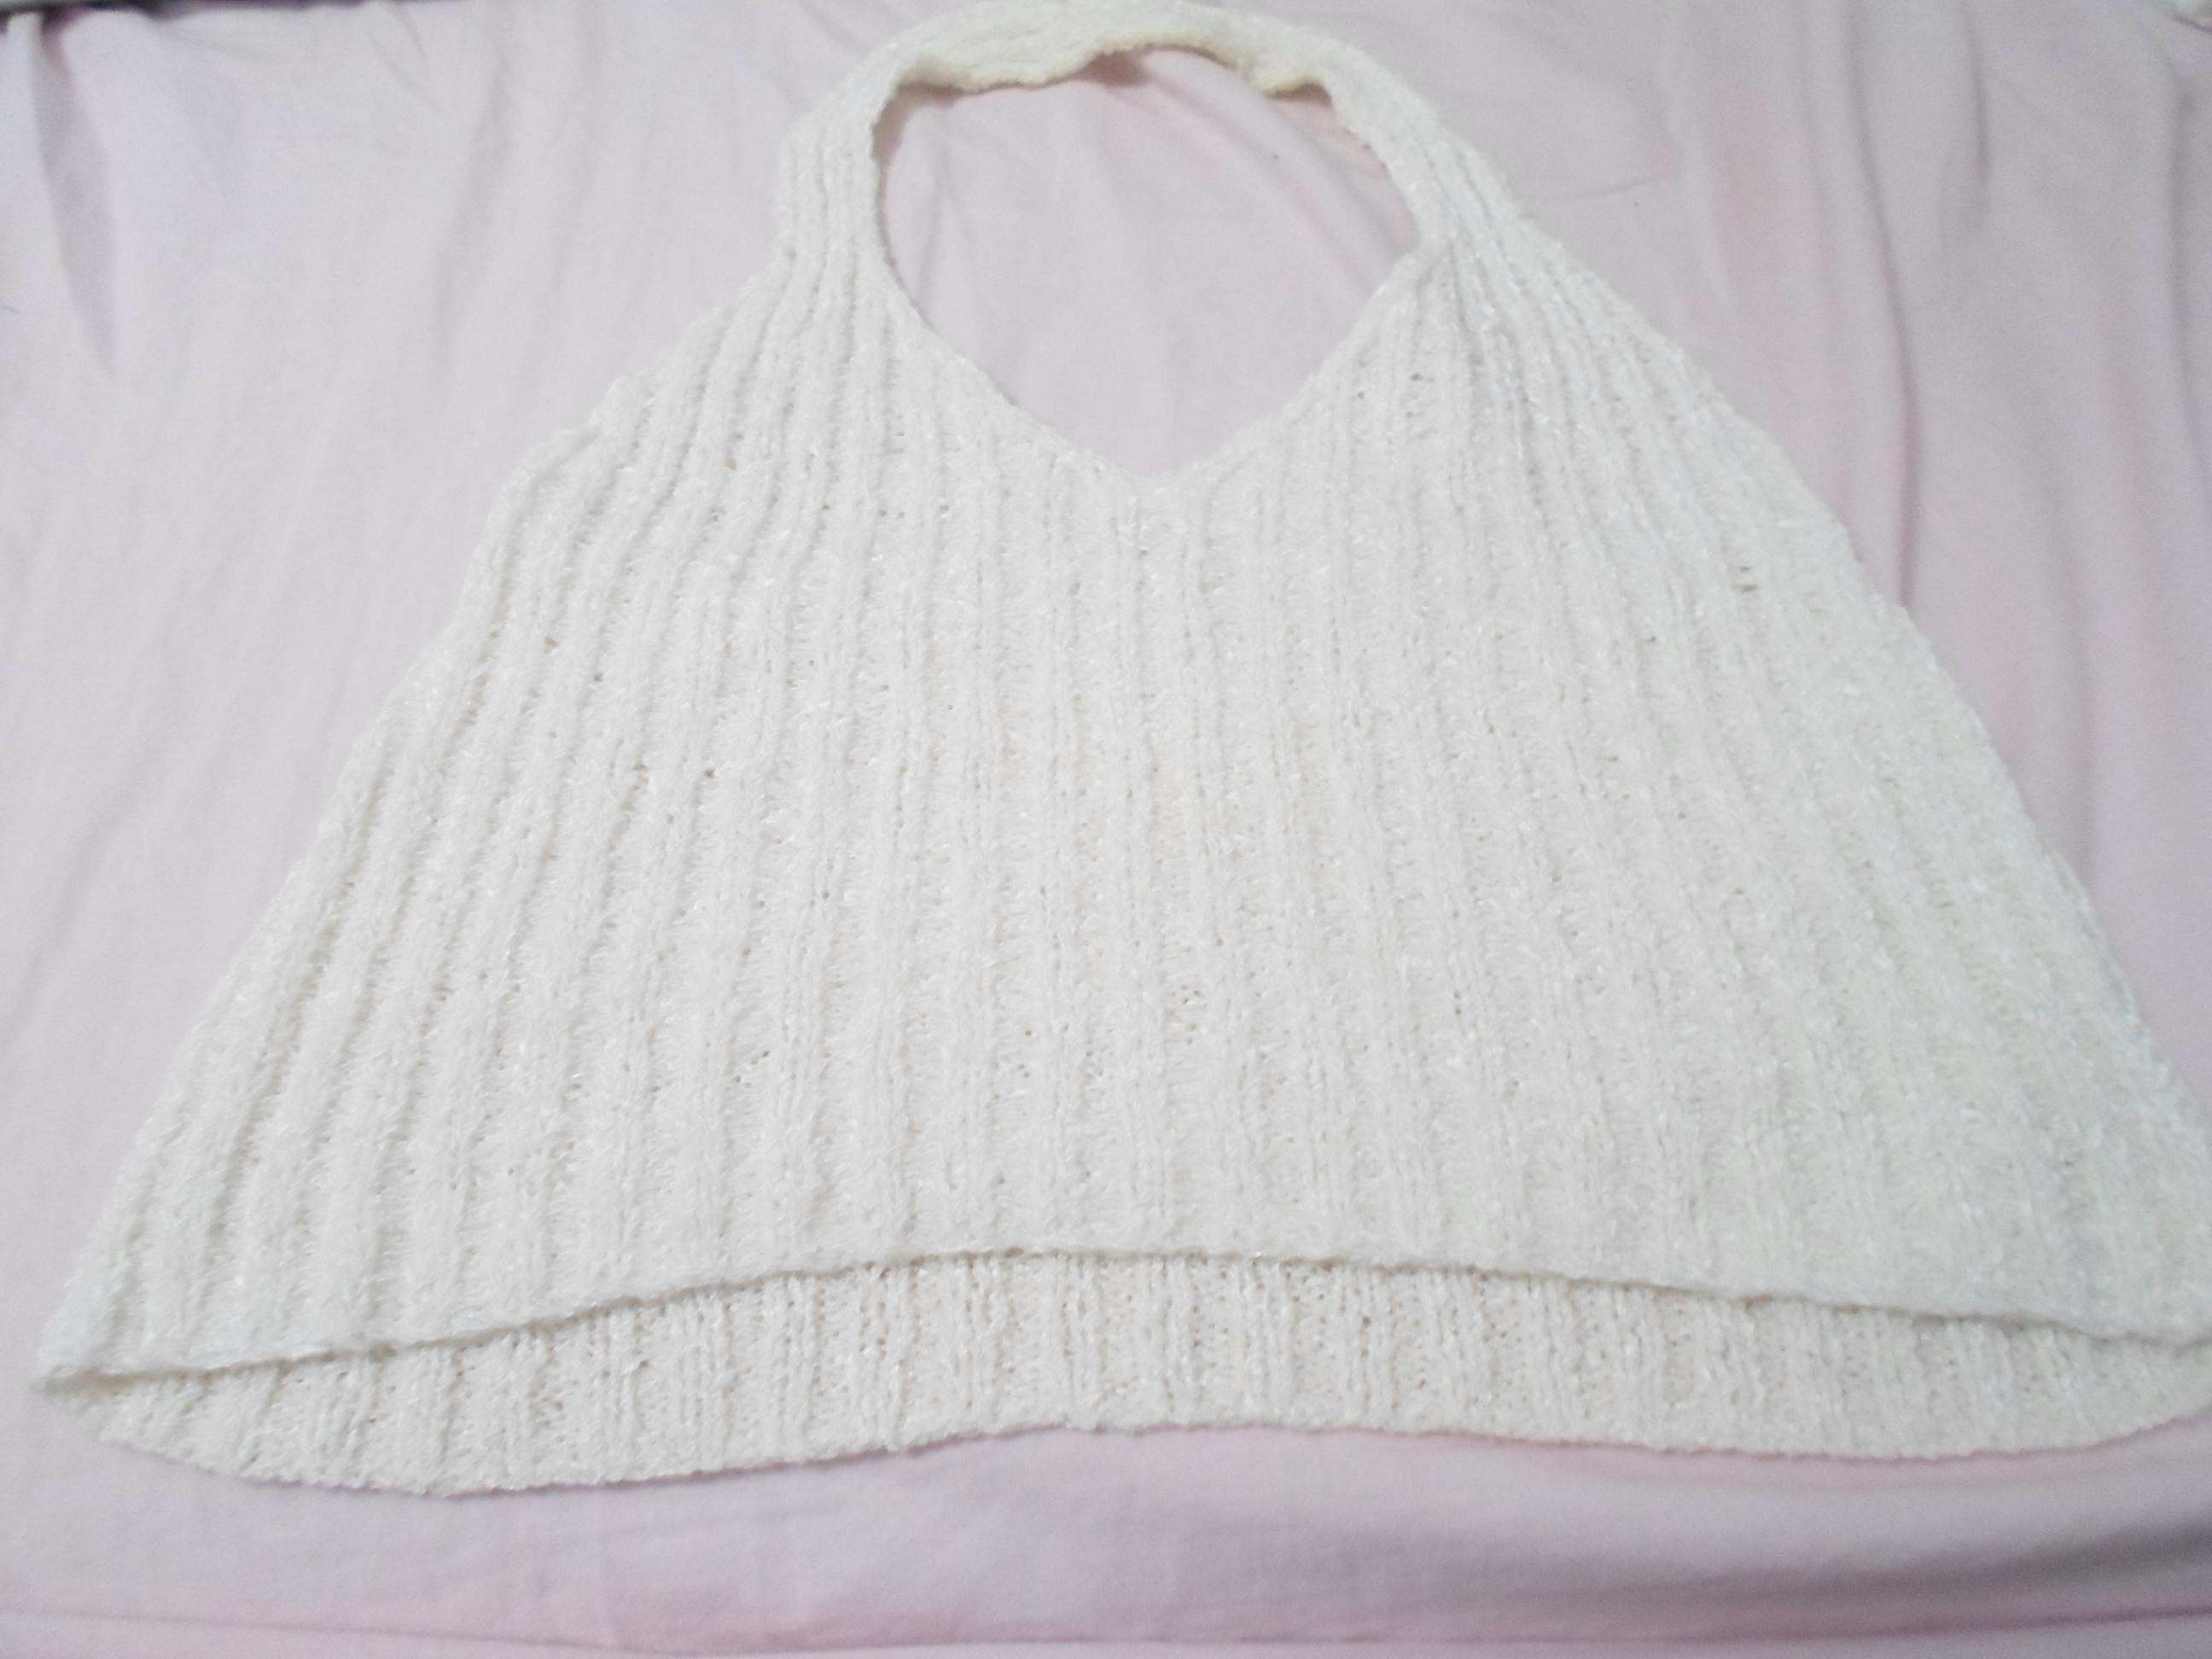 troc de troc haut blanc en laine très court image 0